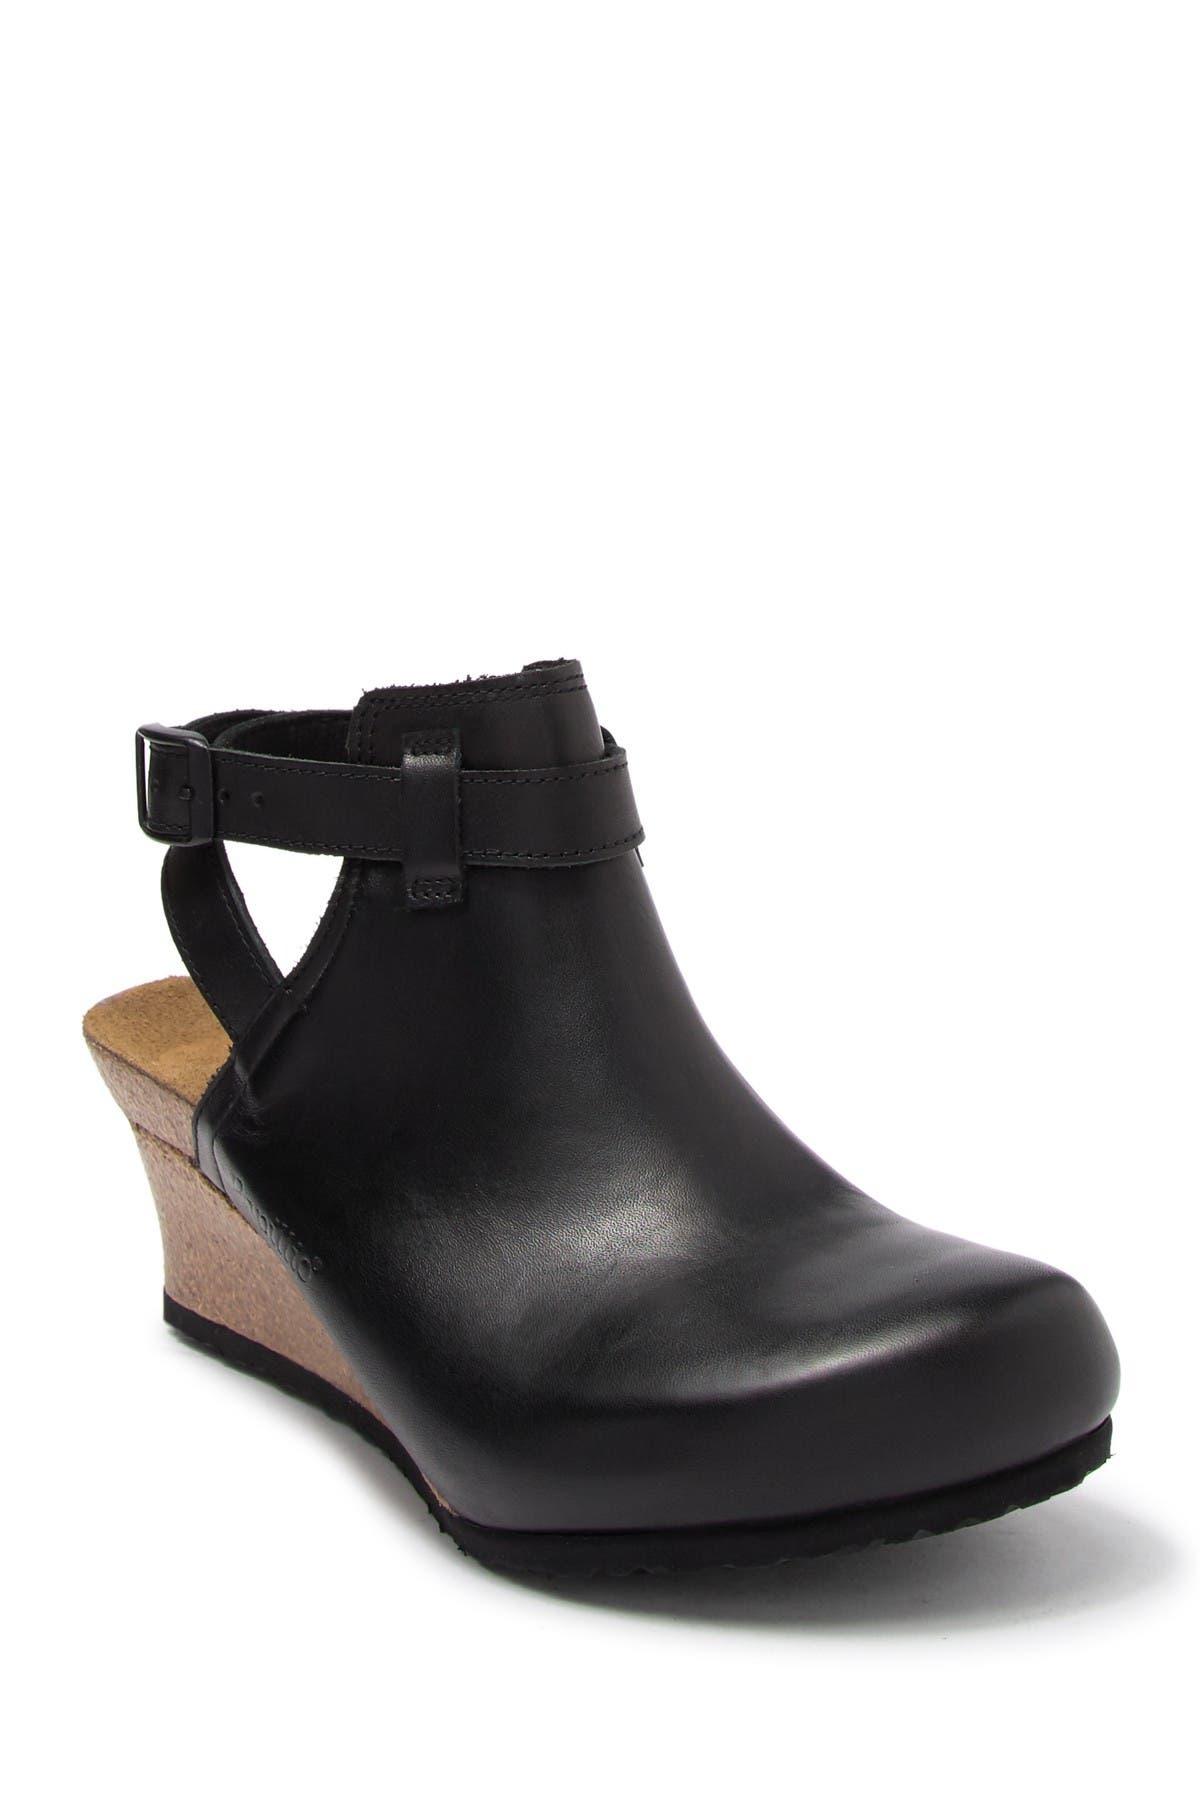 Birkenstock | Esra Wedge Leather Clog